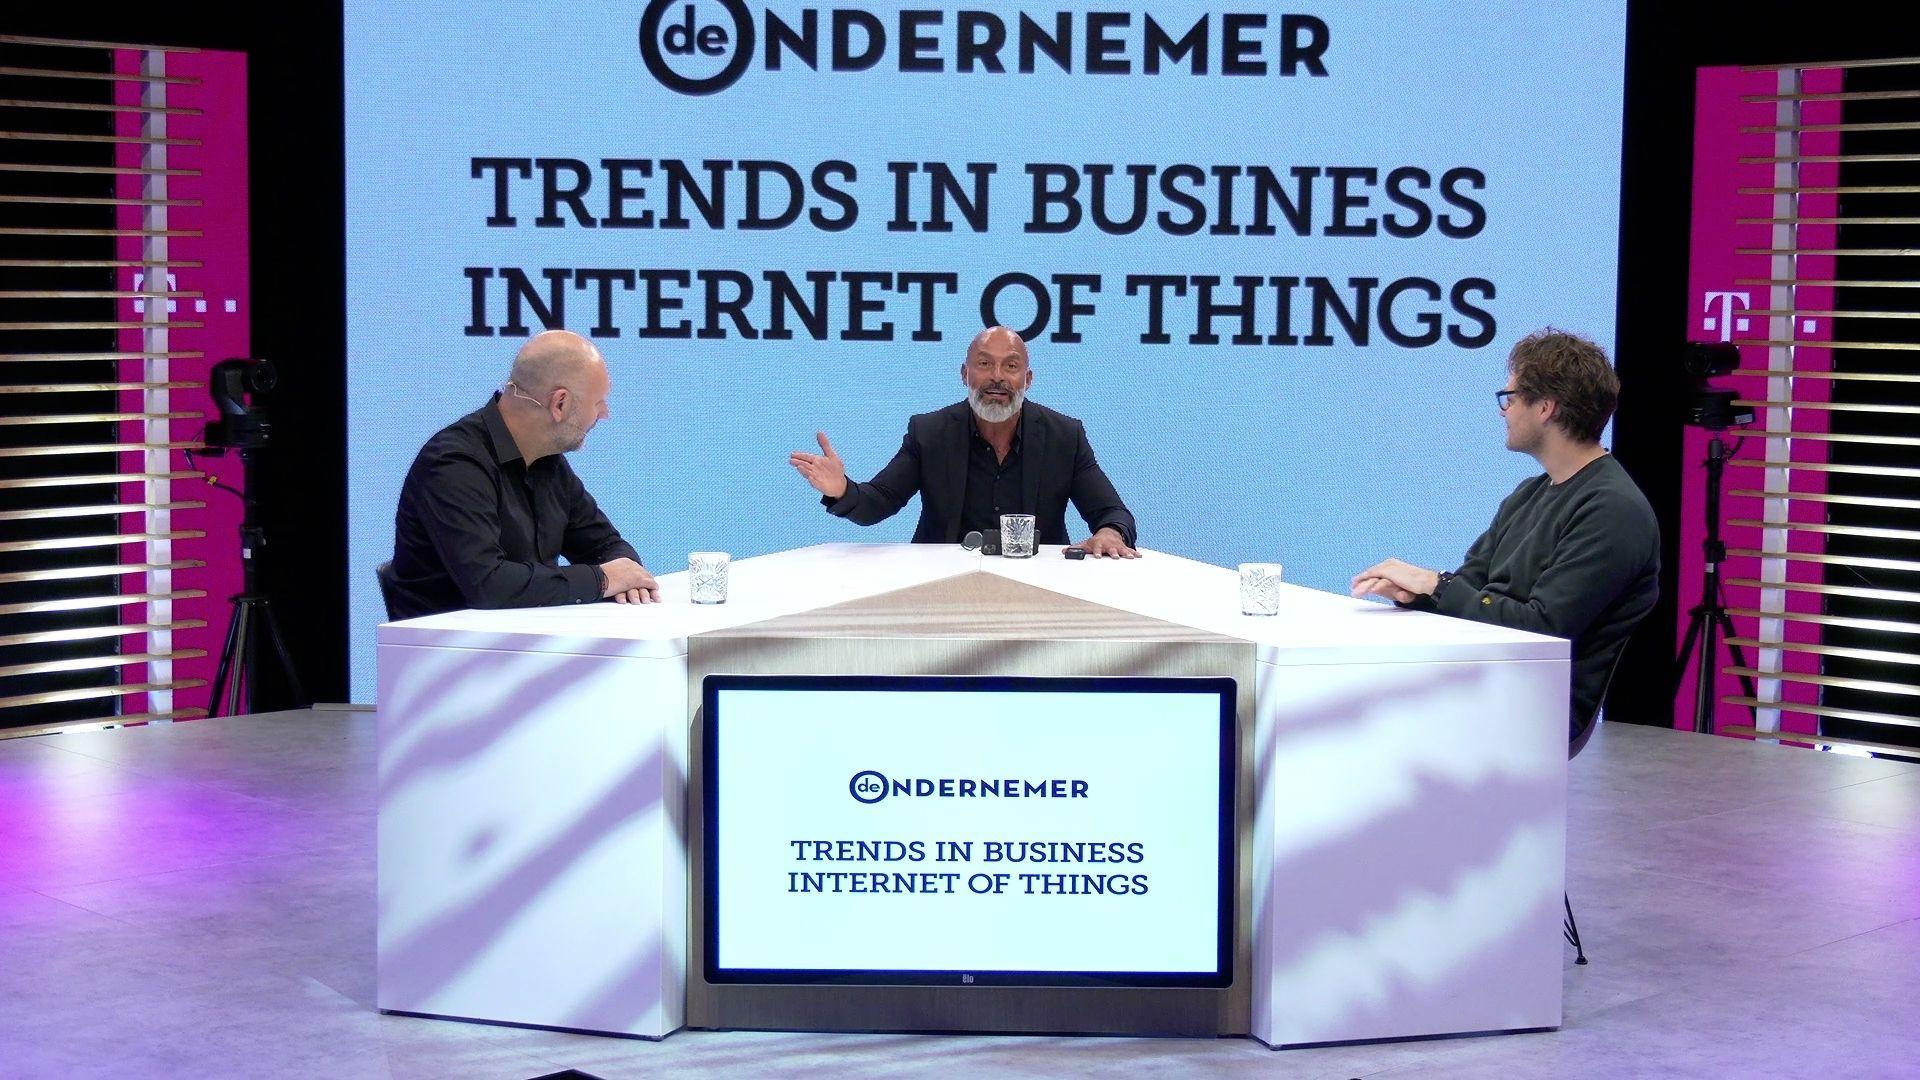 T mobile Igor Beuker gasten tafel